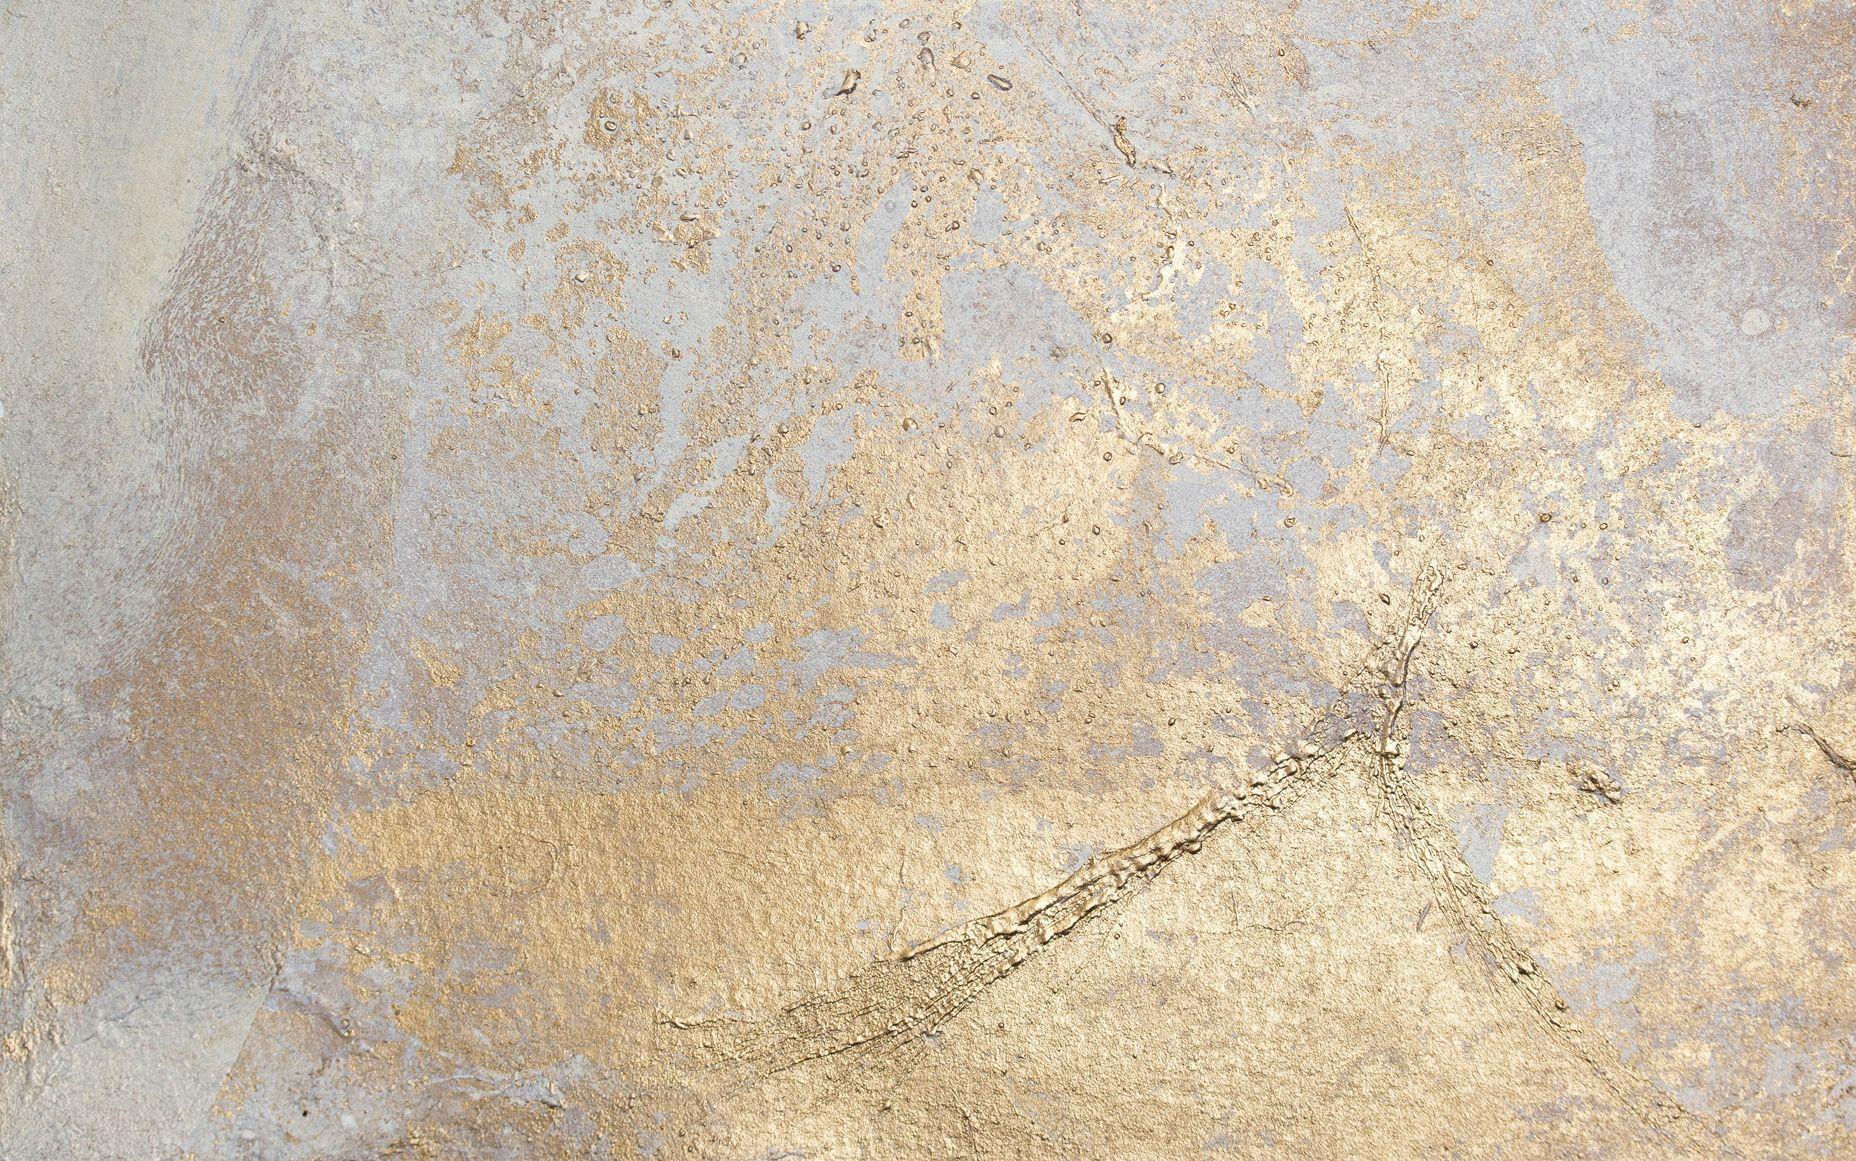 Macbook Backgrounds Wallpaper Cave